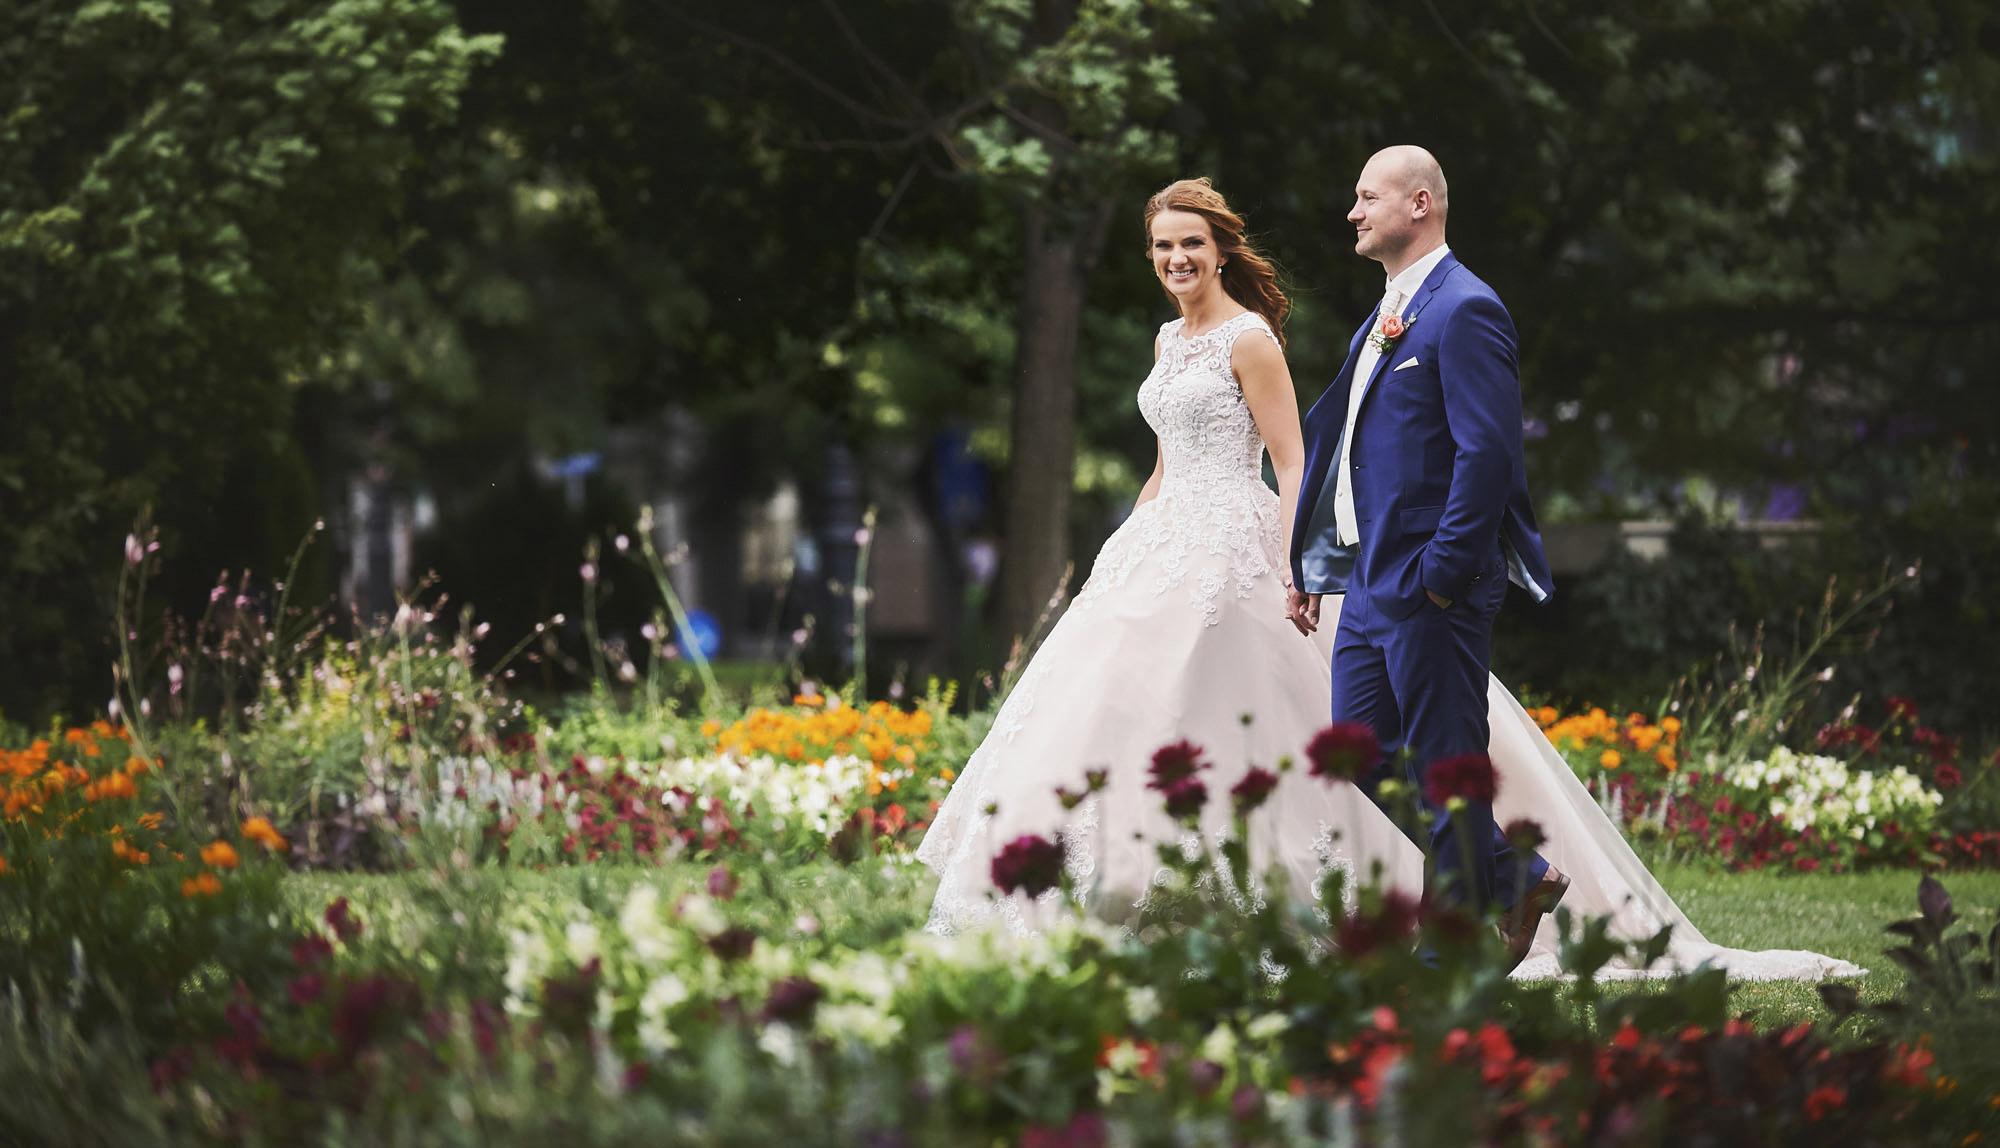 Kreatív esküvői fotózás Budapesten